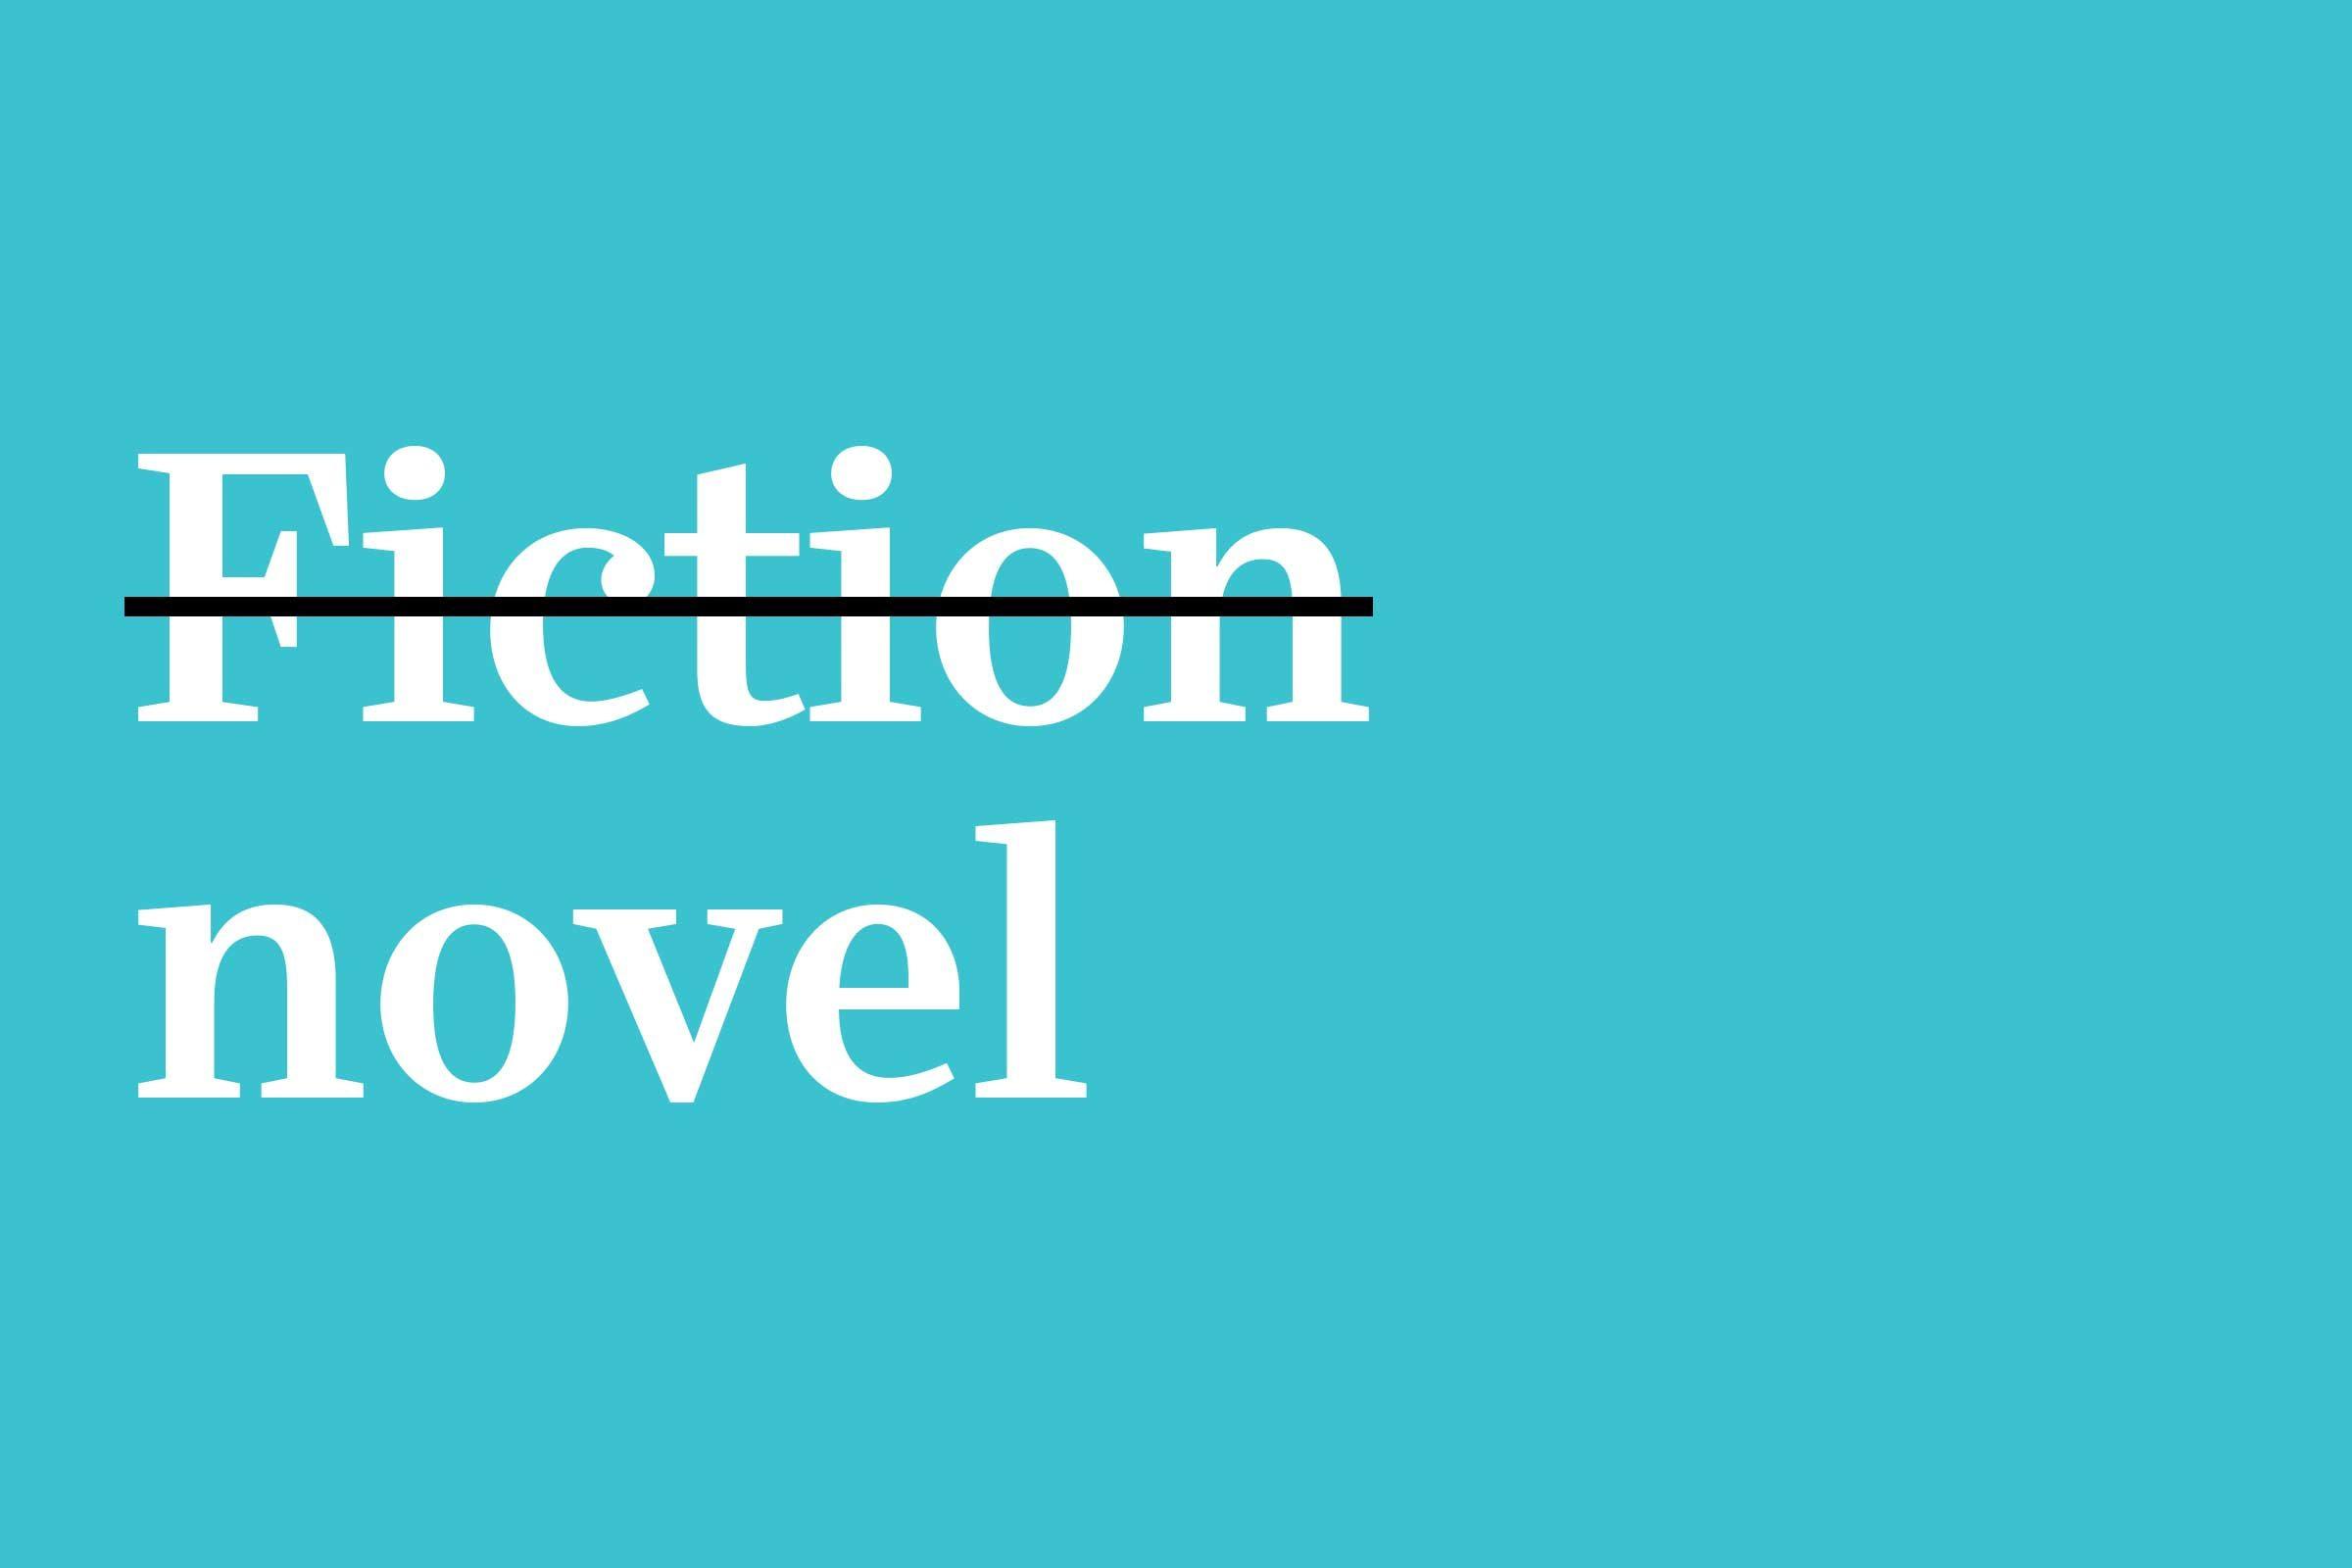 fiction novel